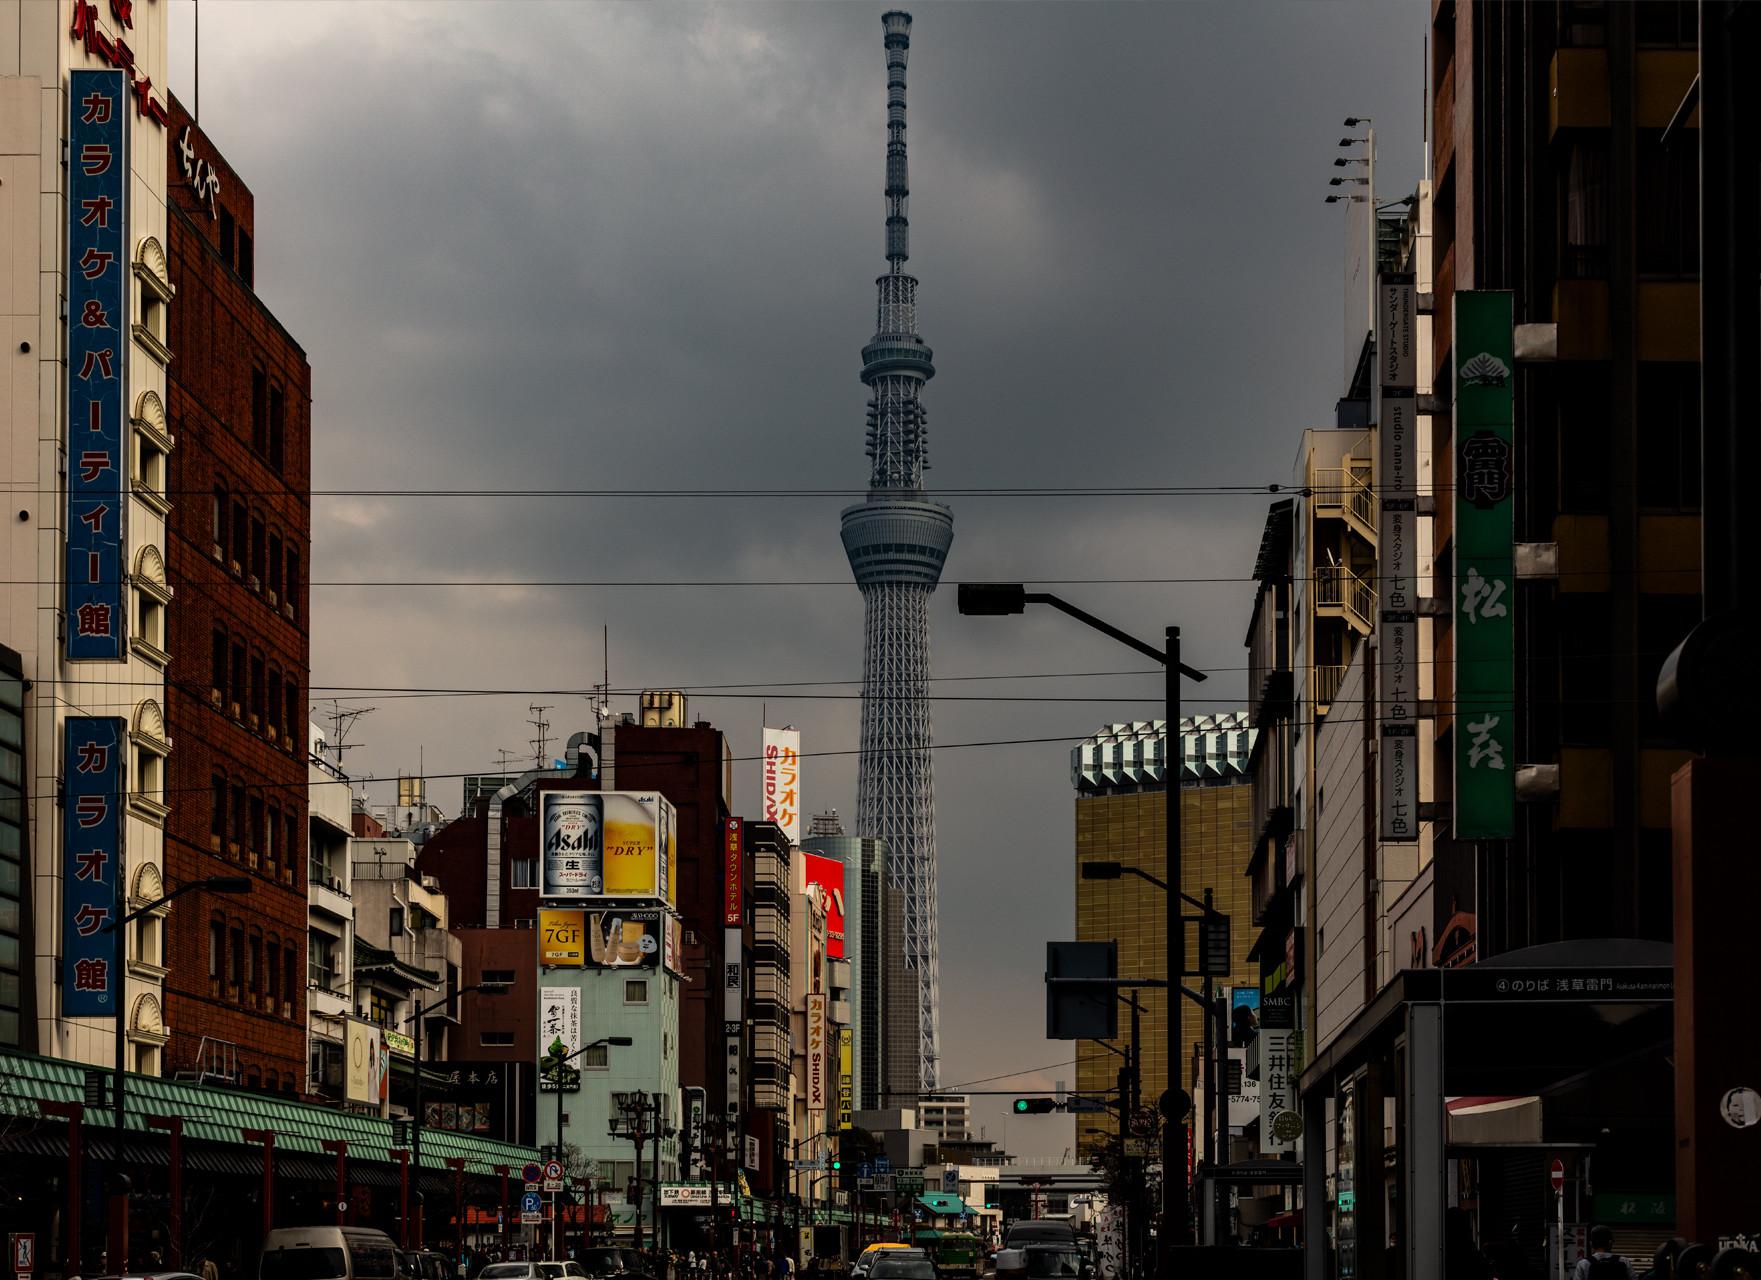 STREET-PHOTOGRAPHY-4-JUANMI-MARQUEZ-1761x1280